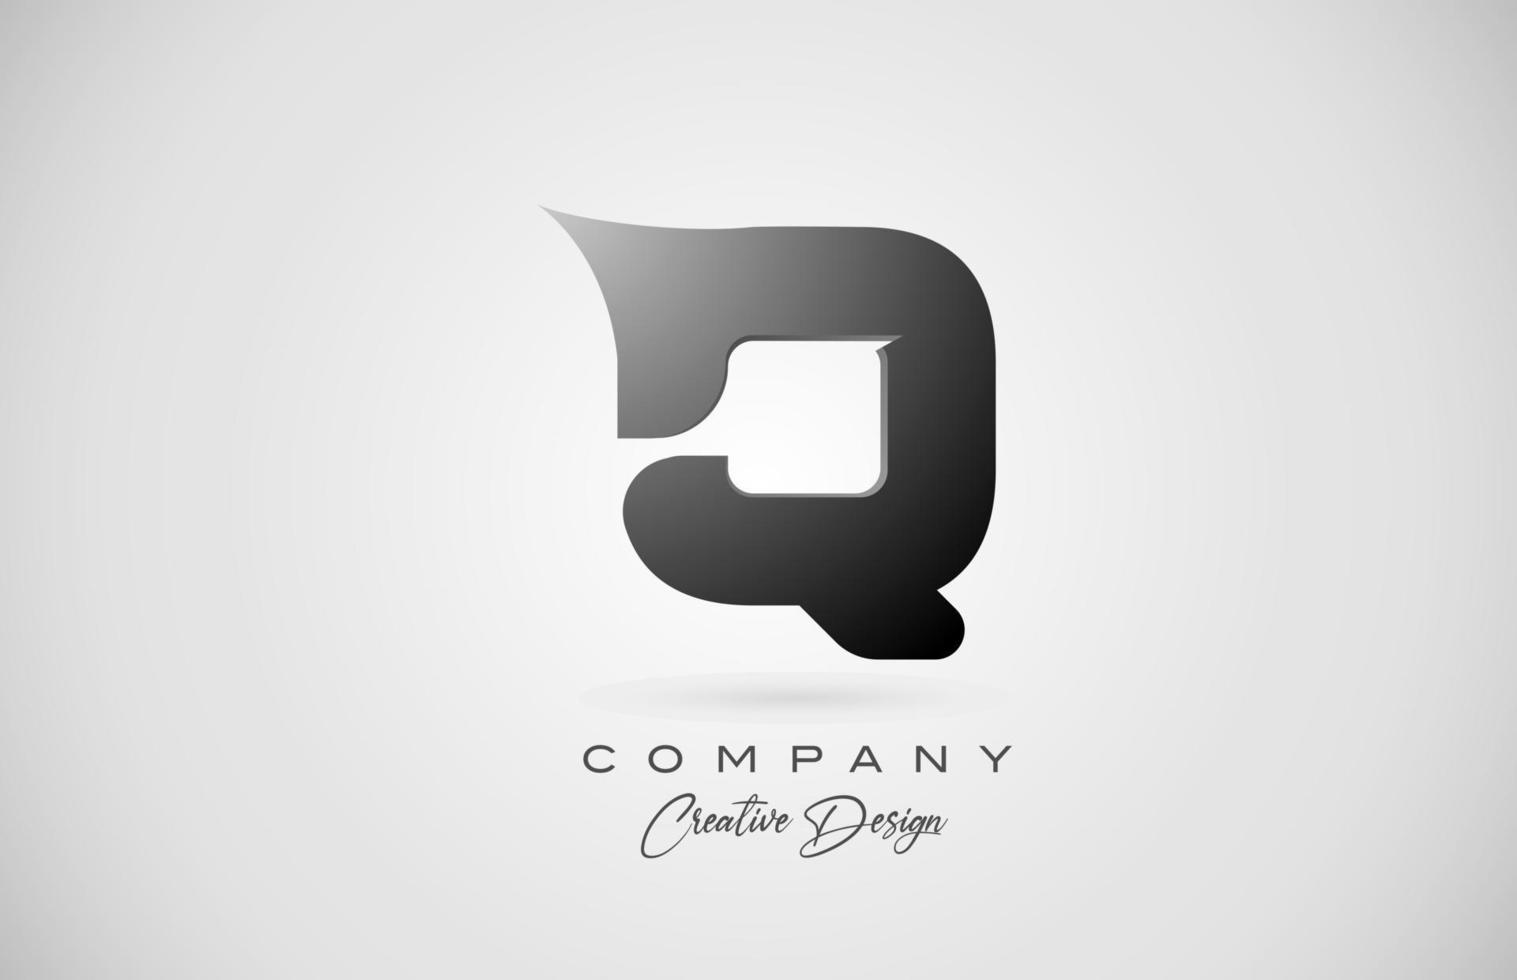 letra do alfabeto q ícone do logotipo em gradiente preto. design criativo para negócios e empresa vetor